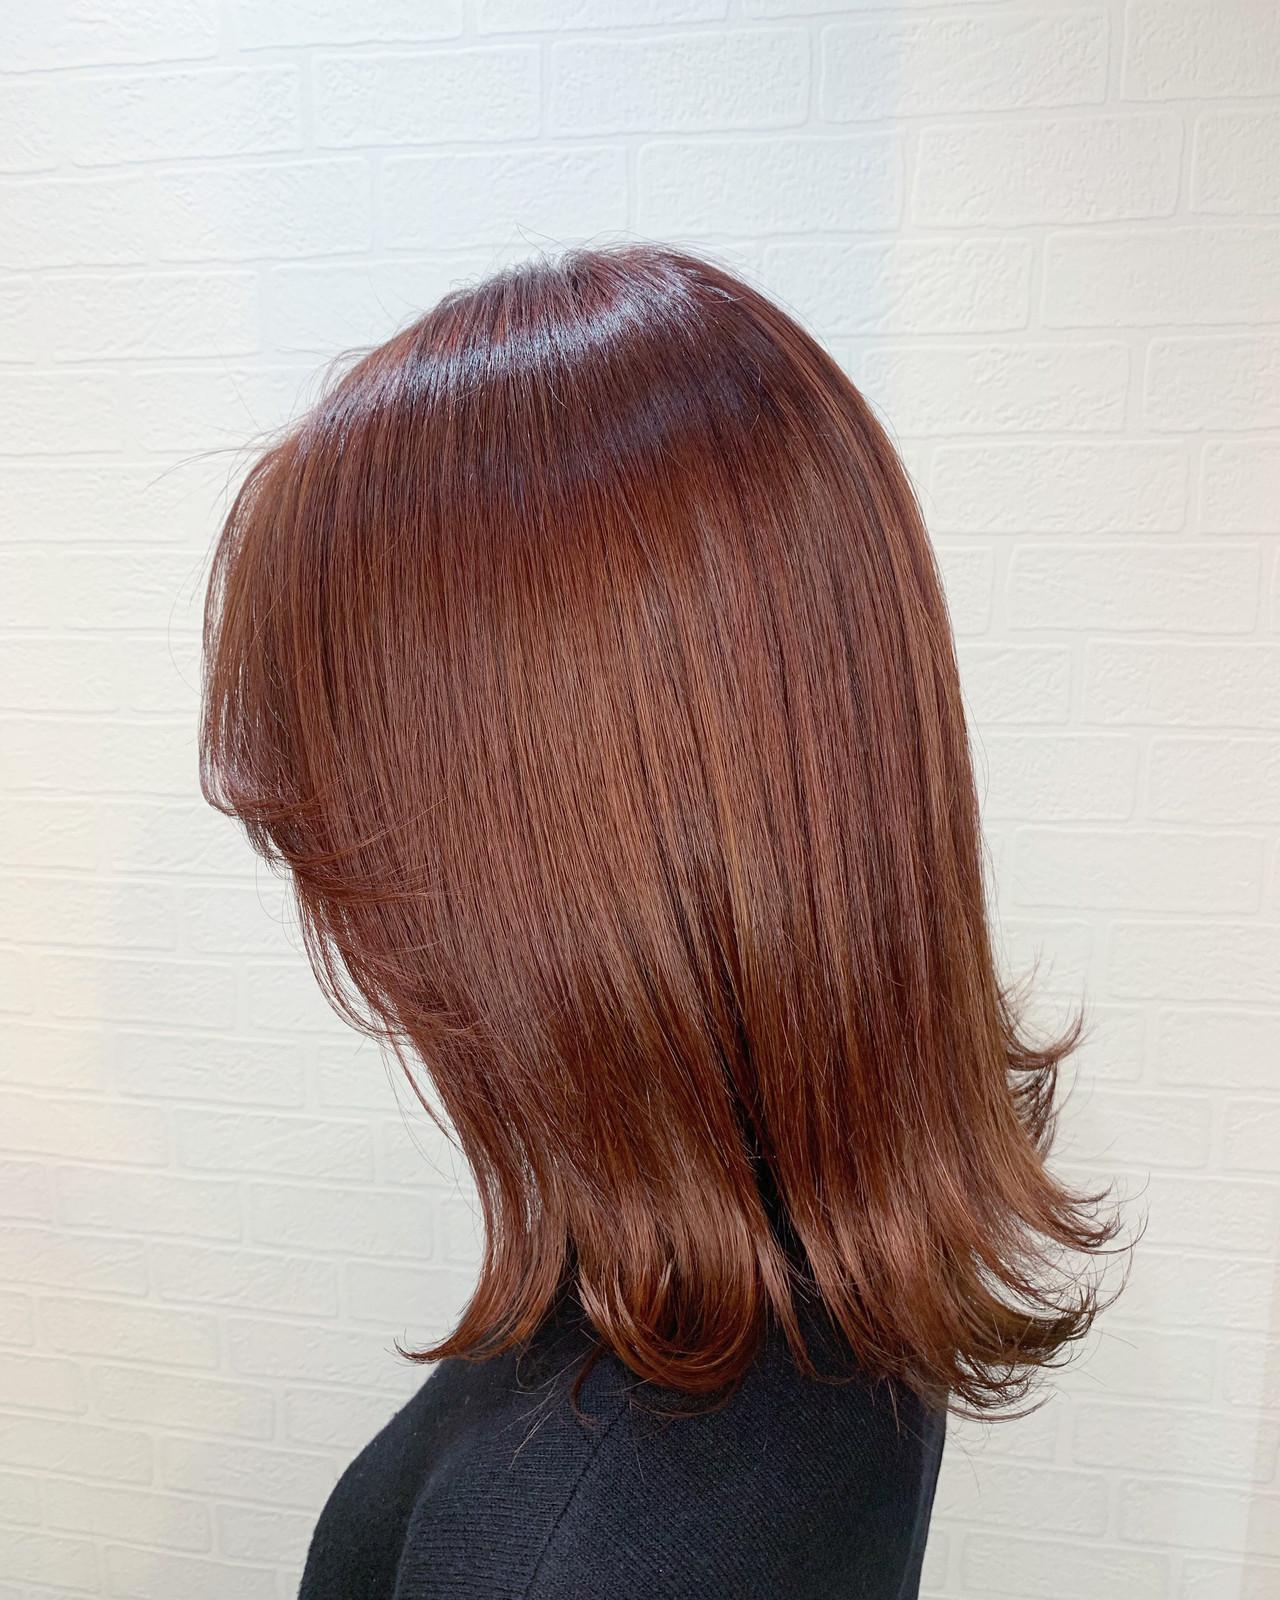 オレンジカラー ミディアム ダブルカラー ガーリー ヘアスタイルや髪型の写真・画像